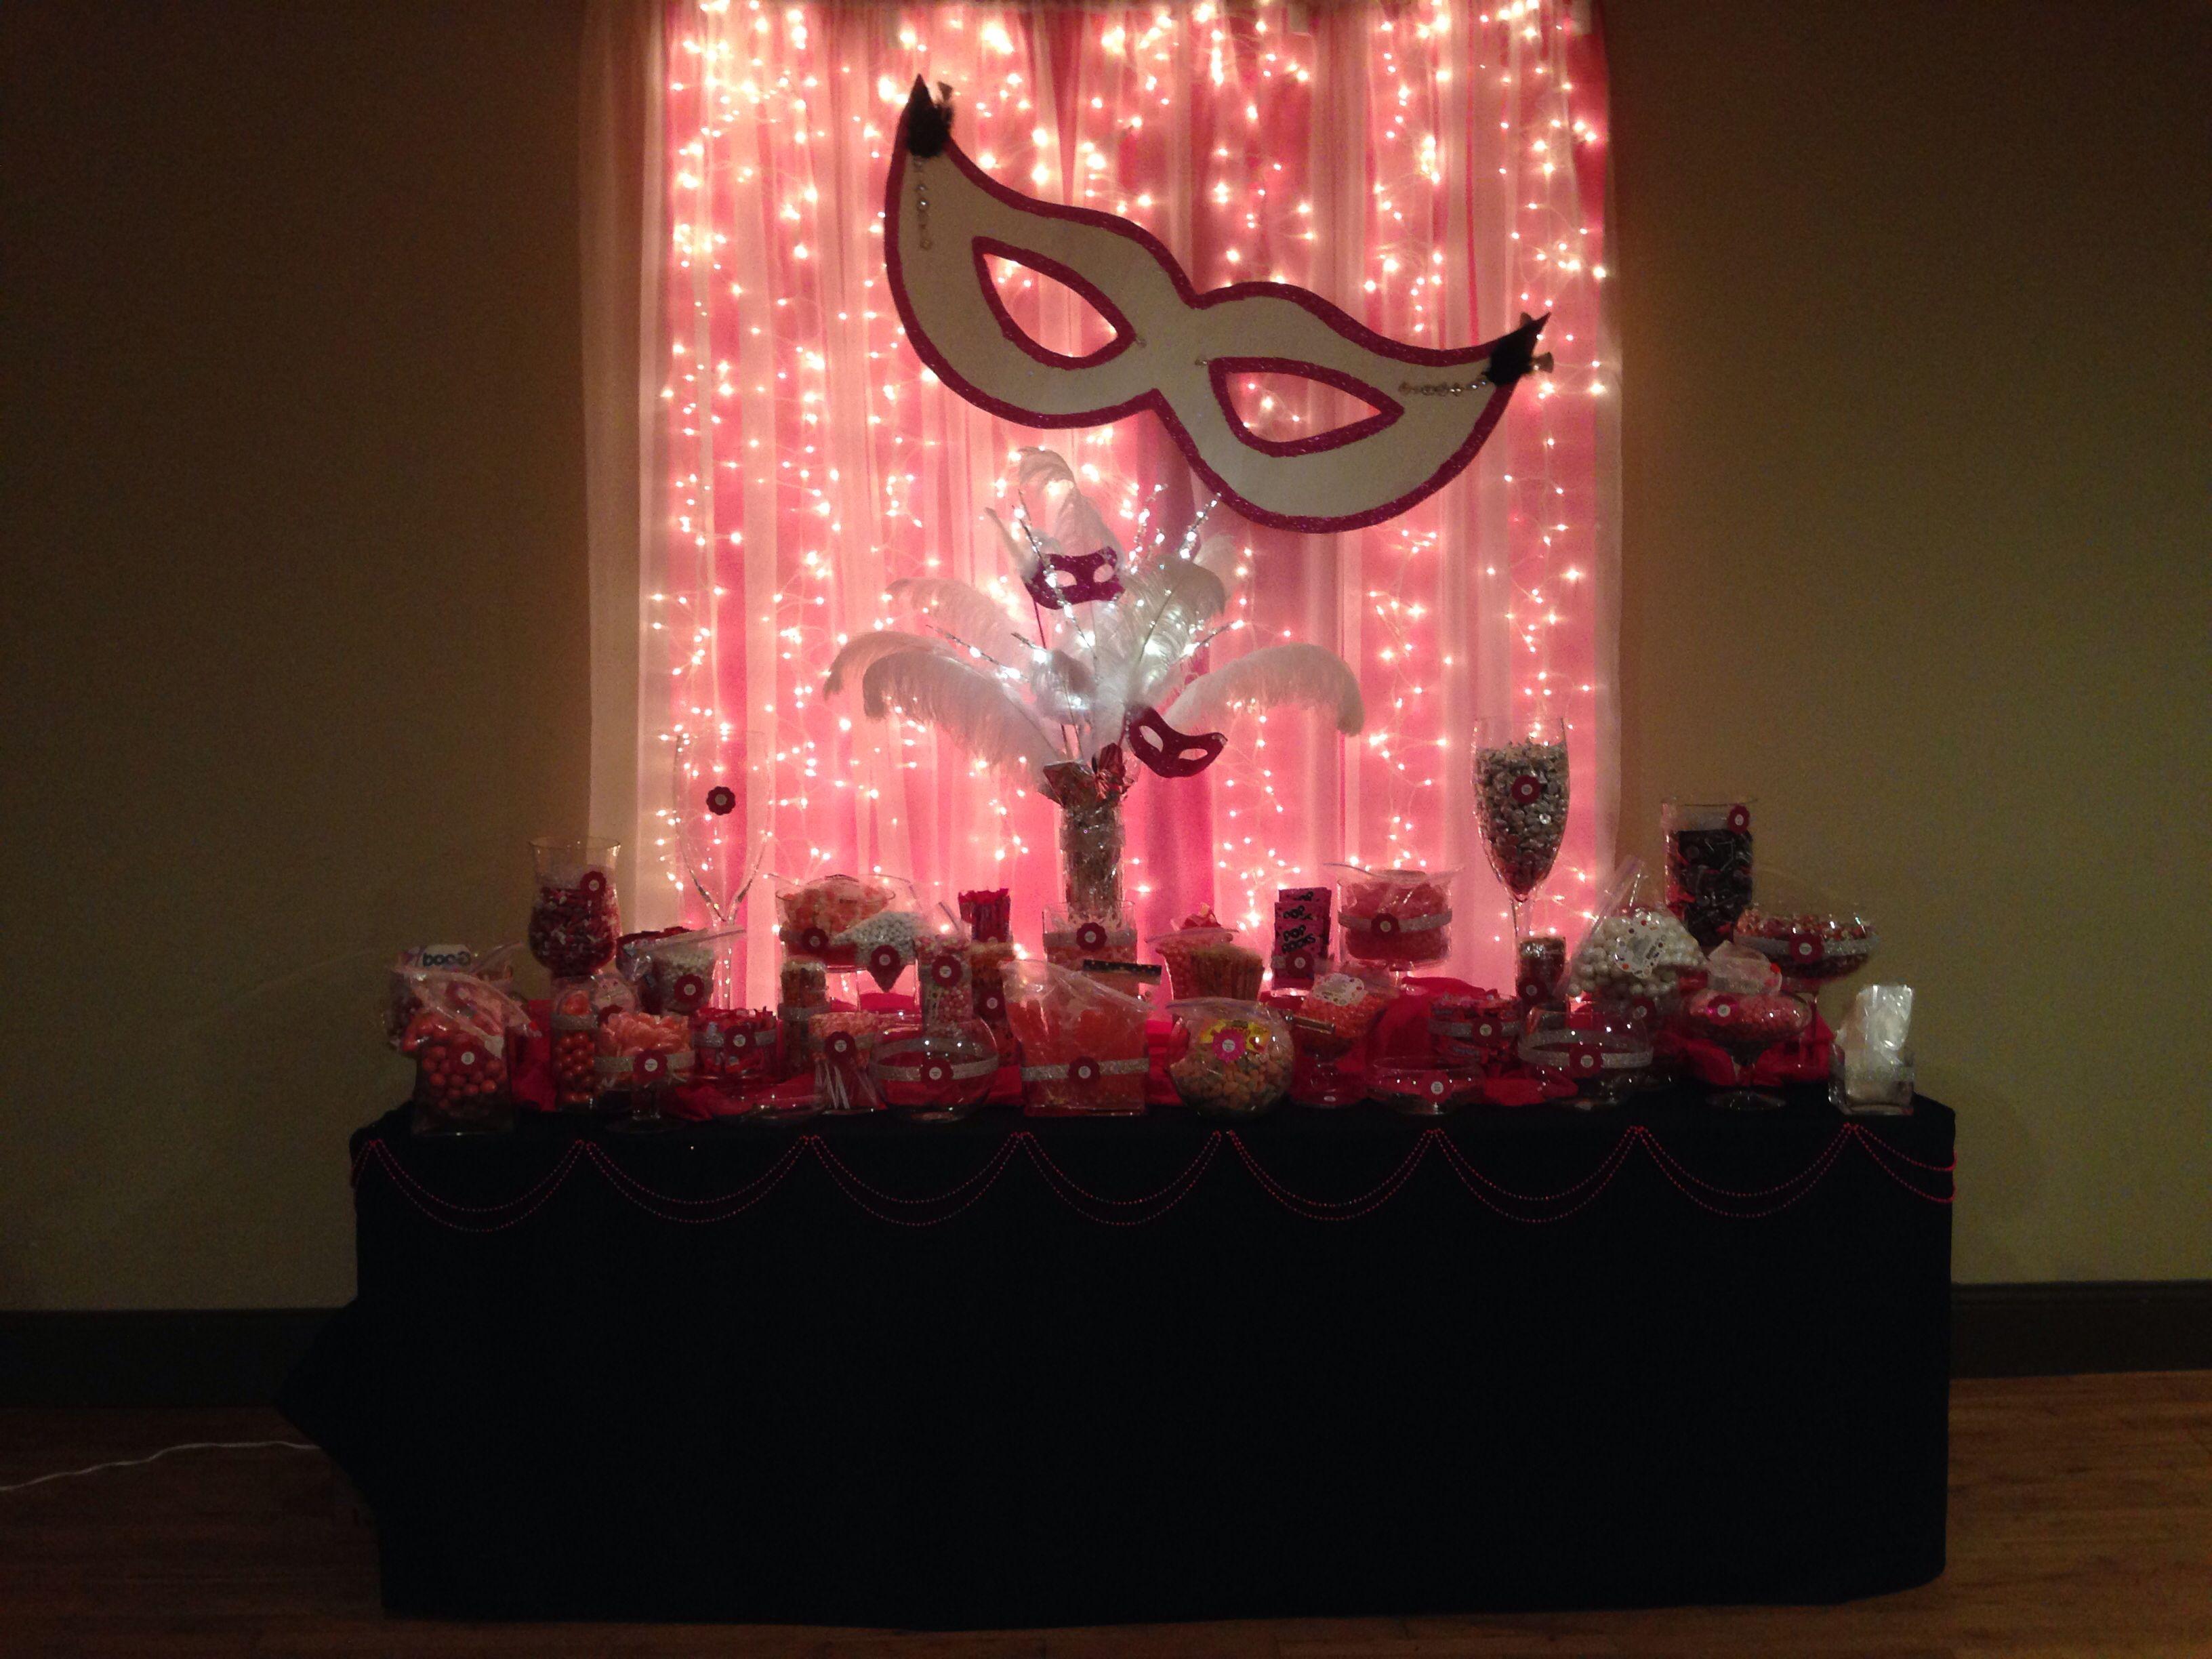 Masquerade party candy table party ideas pinterest - Mascaras venecianas decoracion ...